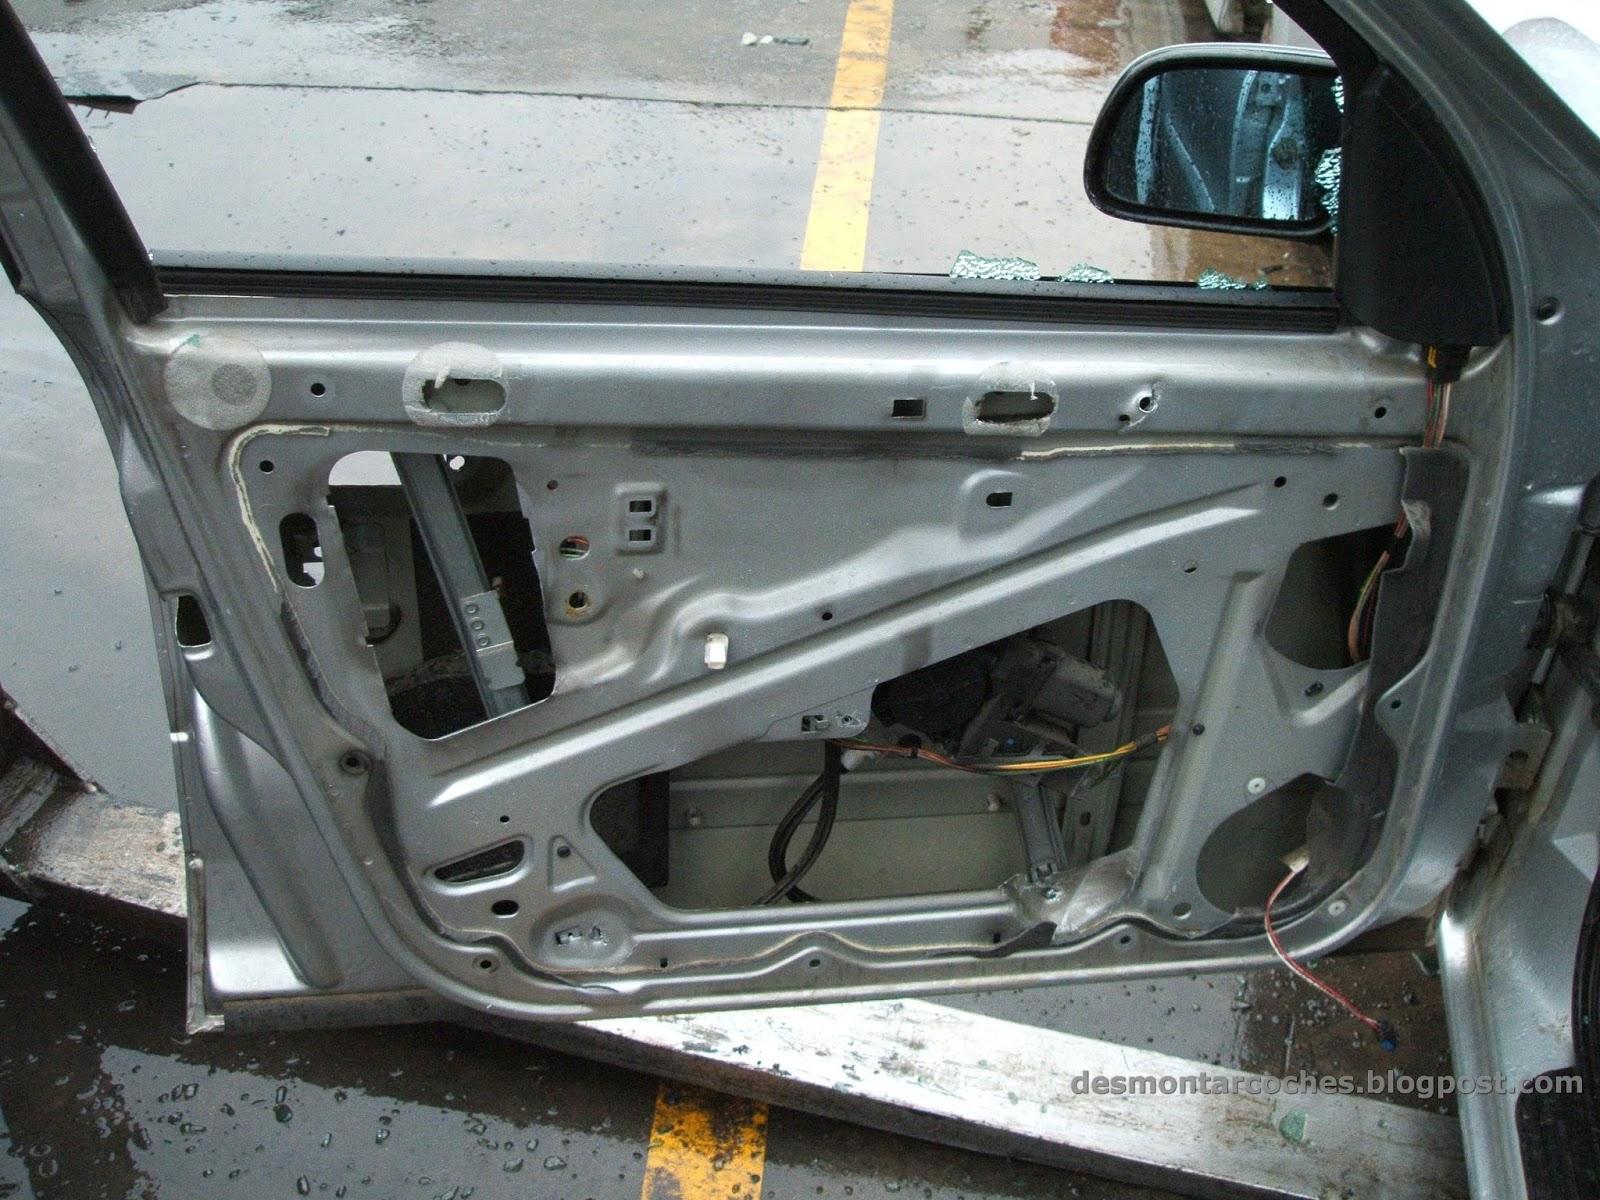 Desmontar coches como desmontar elevalunas for Puerta xsara picasso